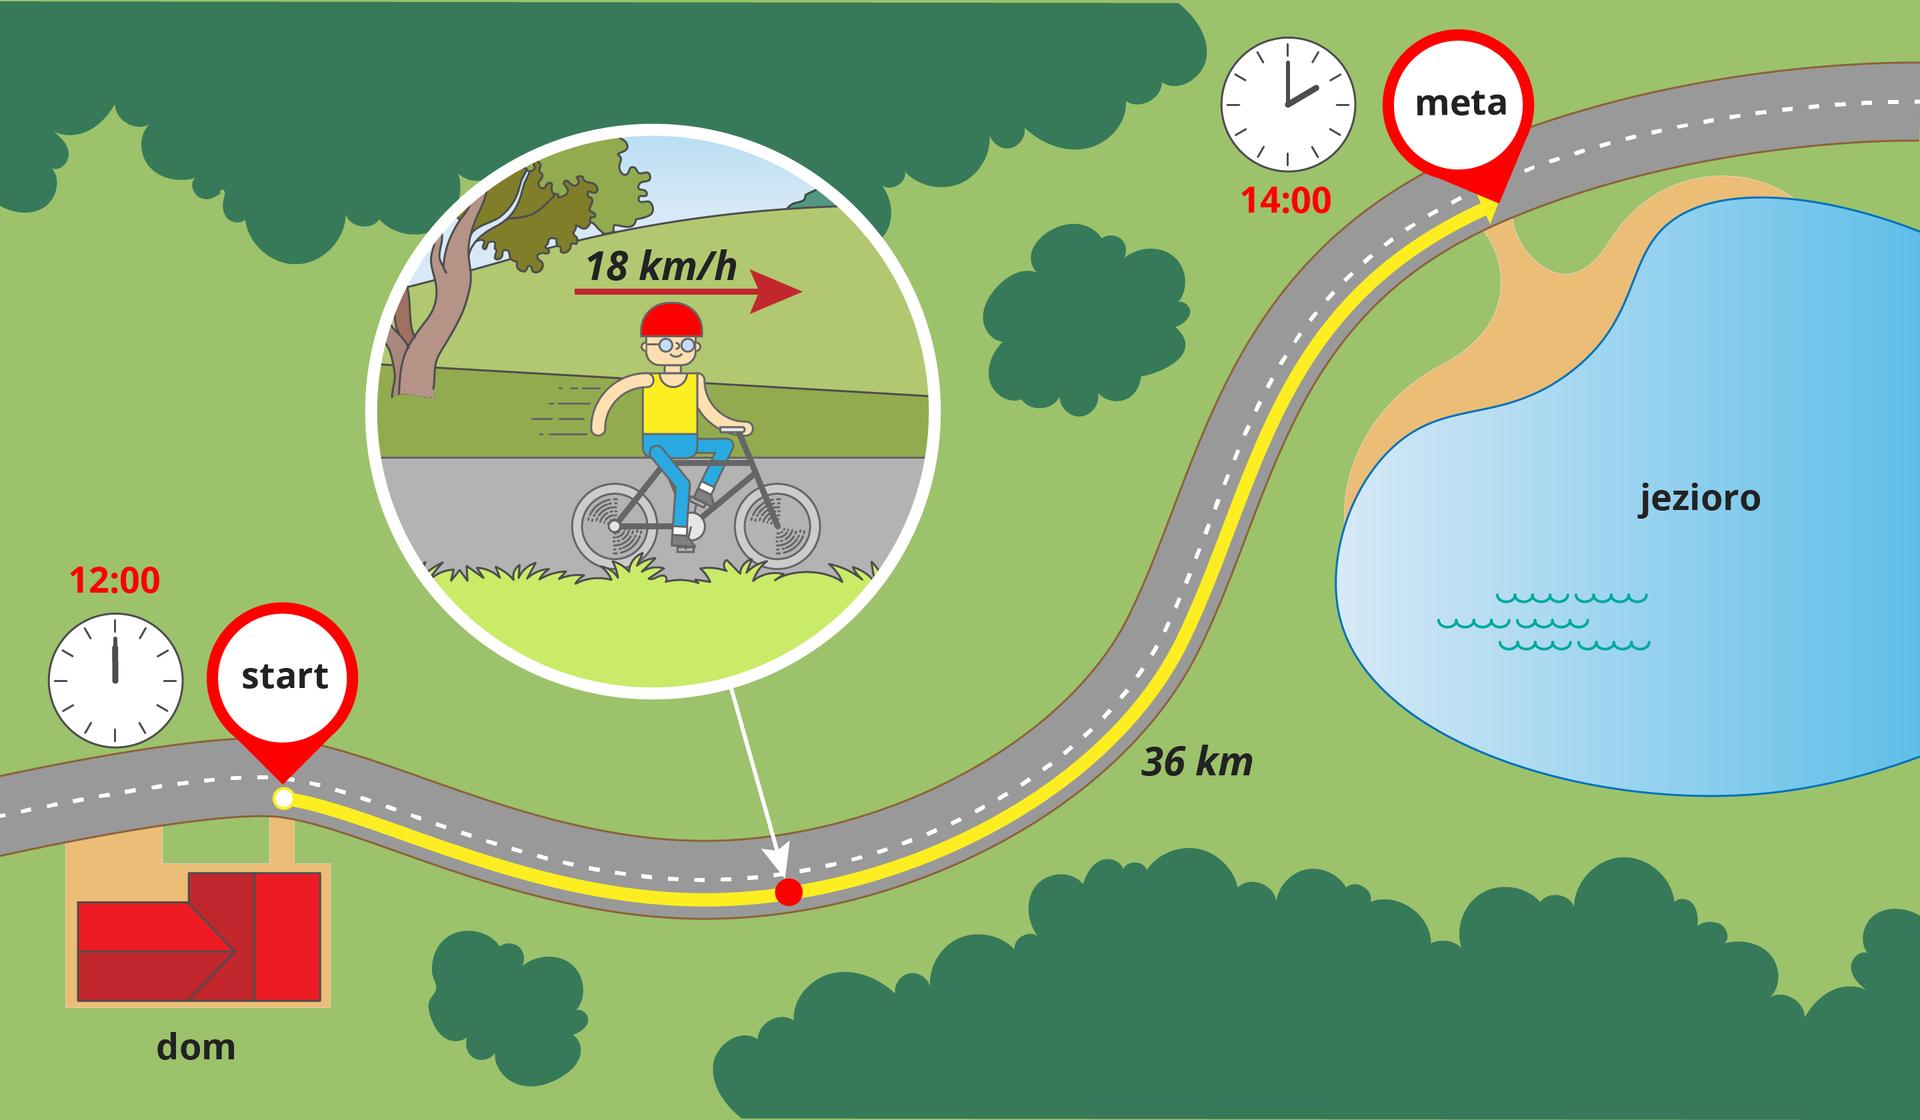 Ilustracja przedstawia, wjaki sposób można wyznaczyć prędkość. Na ilustracji pokazano drogę długości trzydziestu sześciu kilometrów , którą pokonuje chłopiec na rowerze. Wyrusza wdrogę, spod domu, ogodzinie dwunastej. Jadąc przez łąkę, las iwzdłuż jeziora dociera na miejsce ogodzinie czternastej. Czas przebycia trasy wynosi dwie godziny. Dzieląc drogę – trzydzieści sześć kilometrów km, przez czas jej przebycia - dwie godziny, otrzymujemy prędkość rowerzysty równą osiemnaście kilometrów na godzinę.